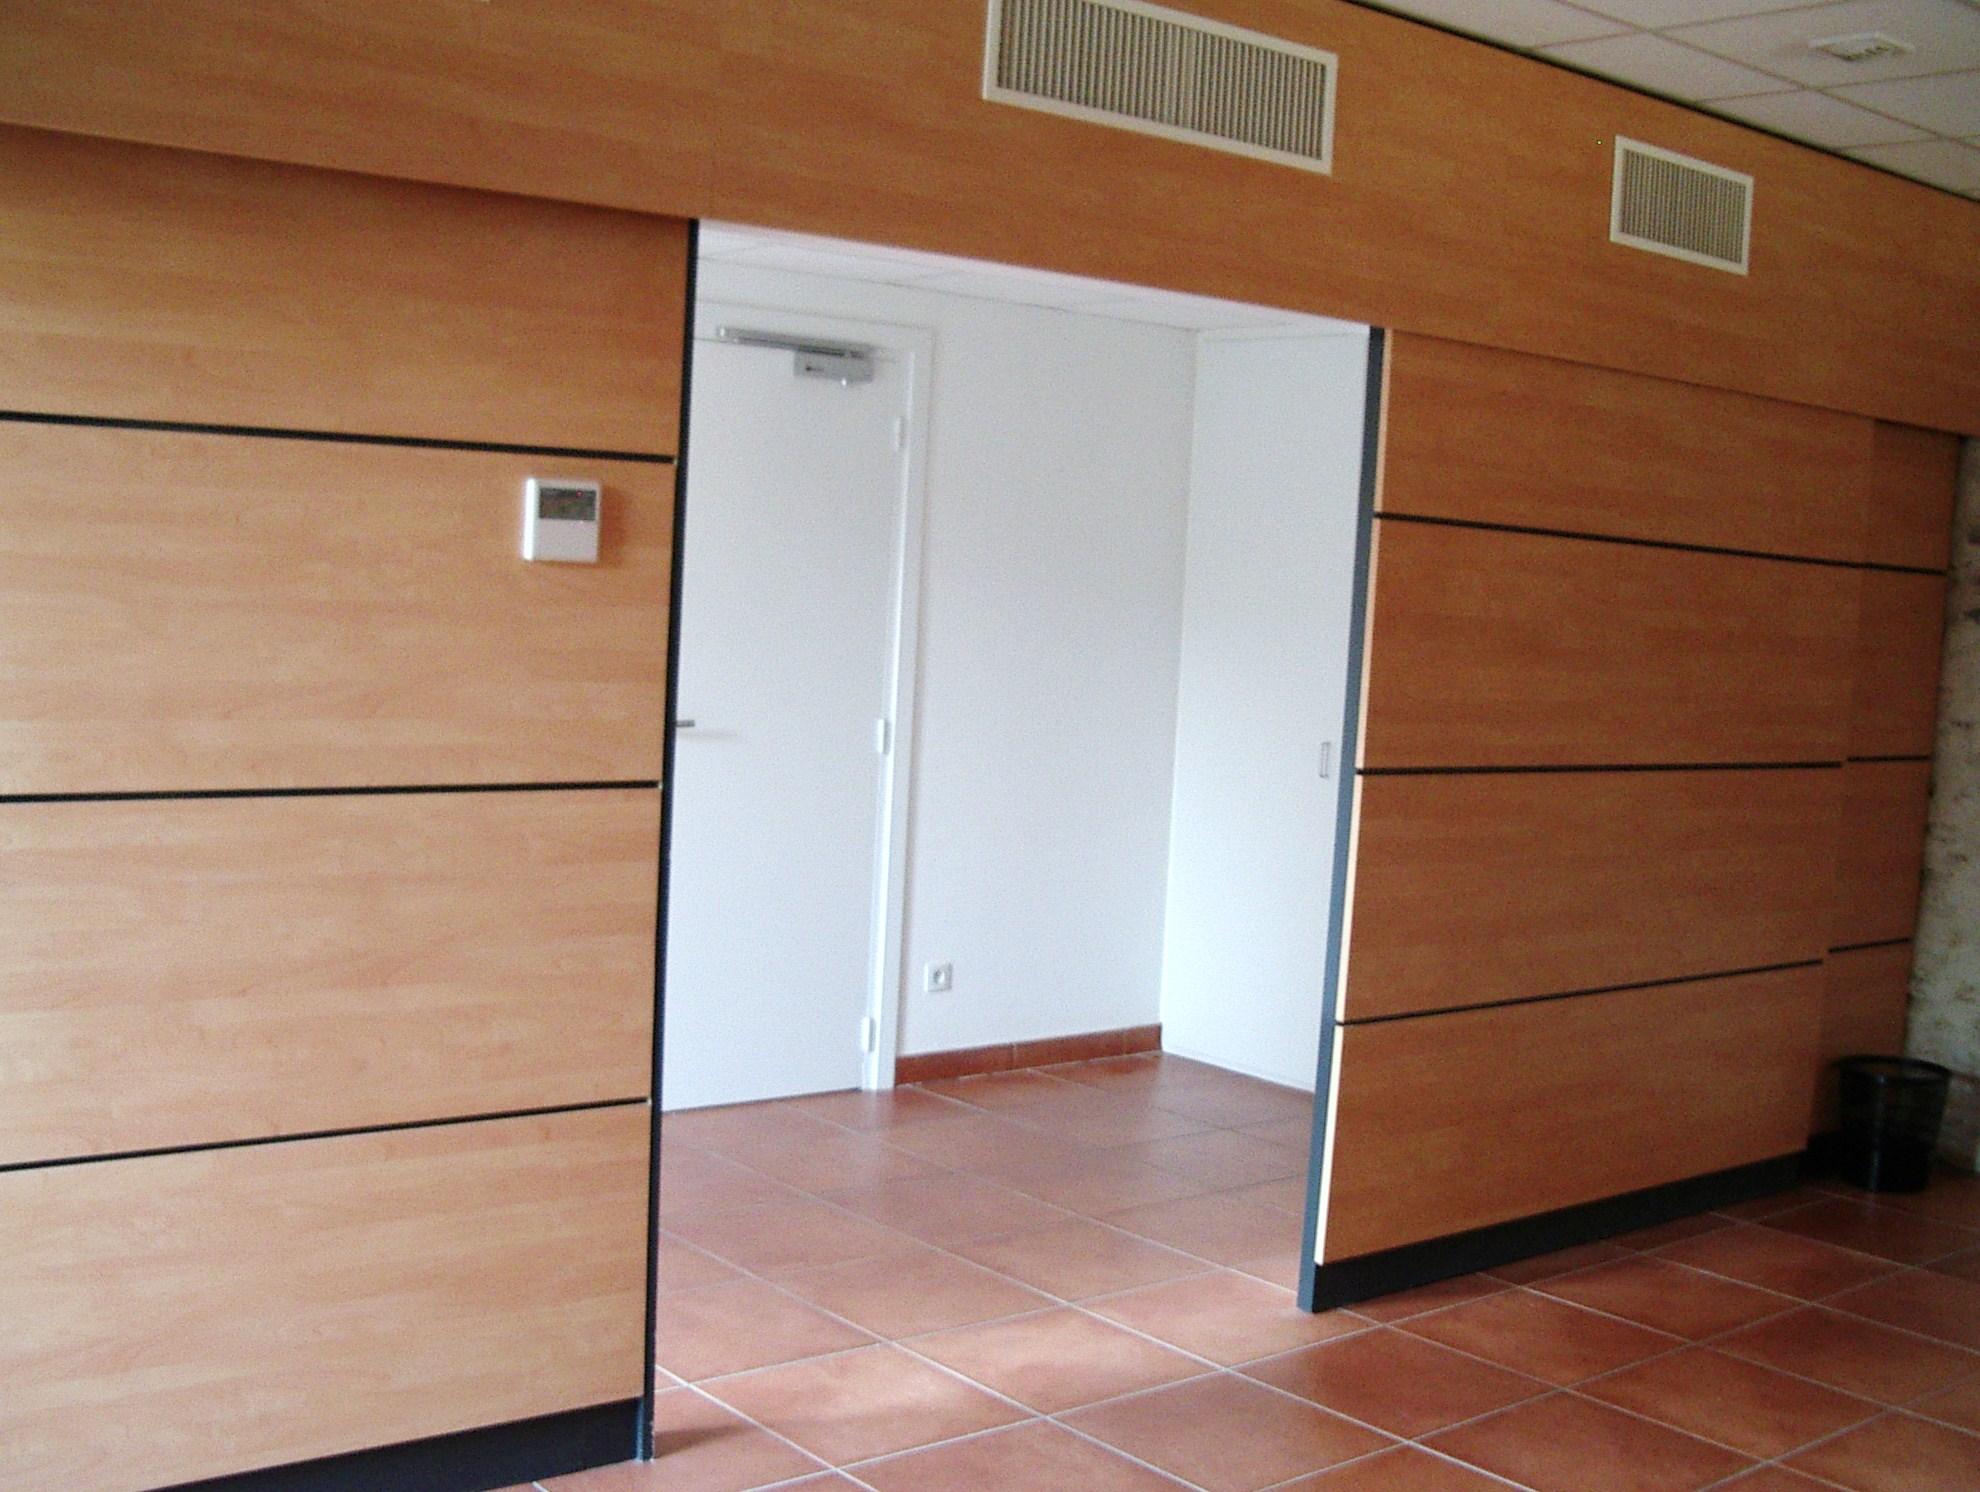 Habillage mural menuiseriequinta 39 s blog - Habillage de porte d entree ...